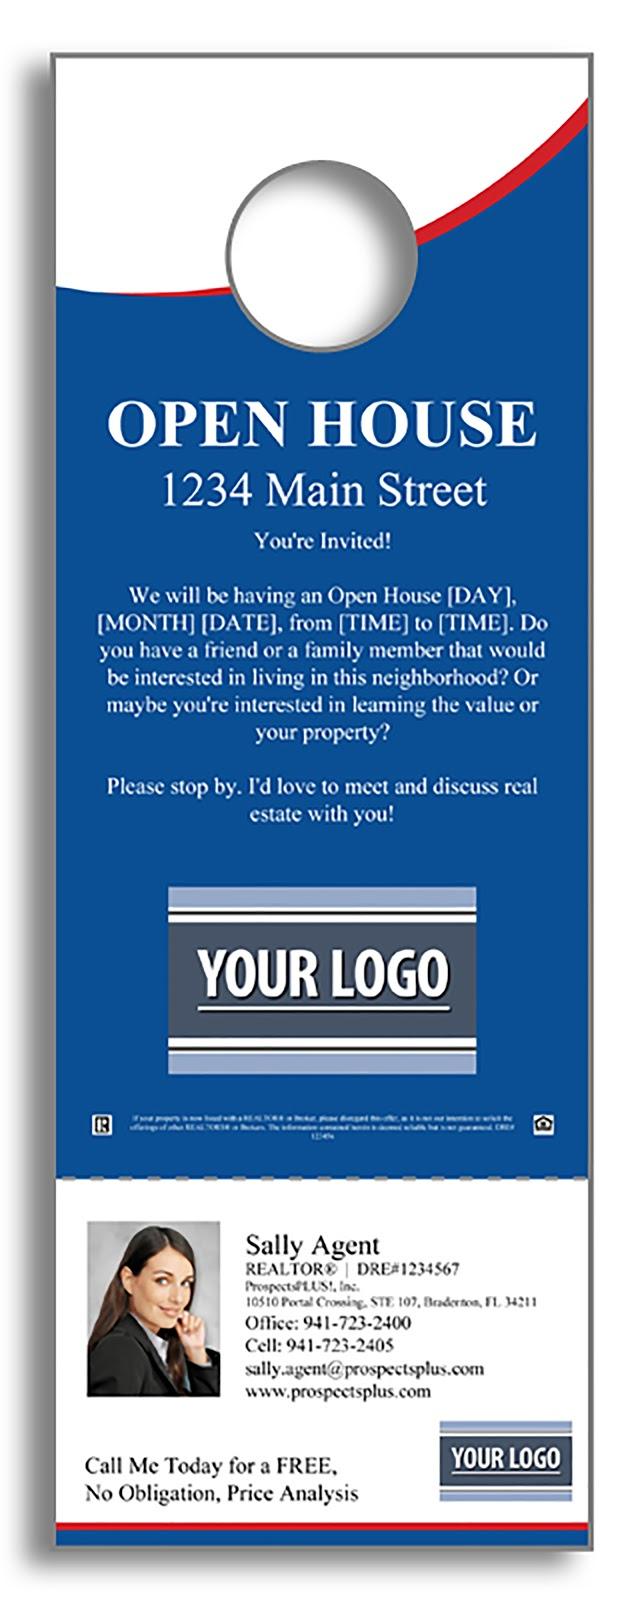 Open House Door hanger Example from ProspectsPlus.